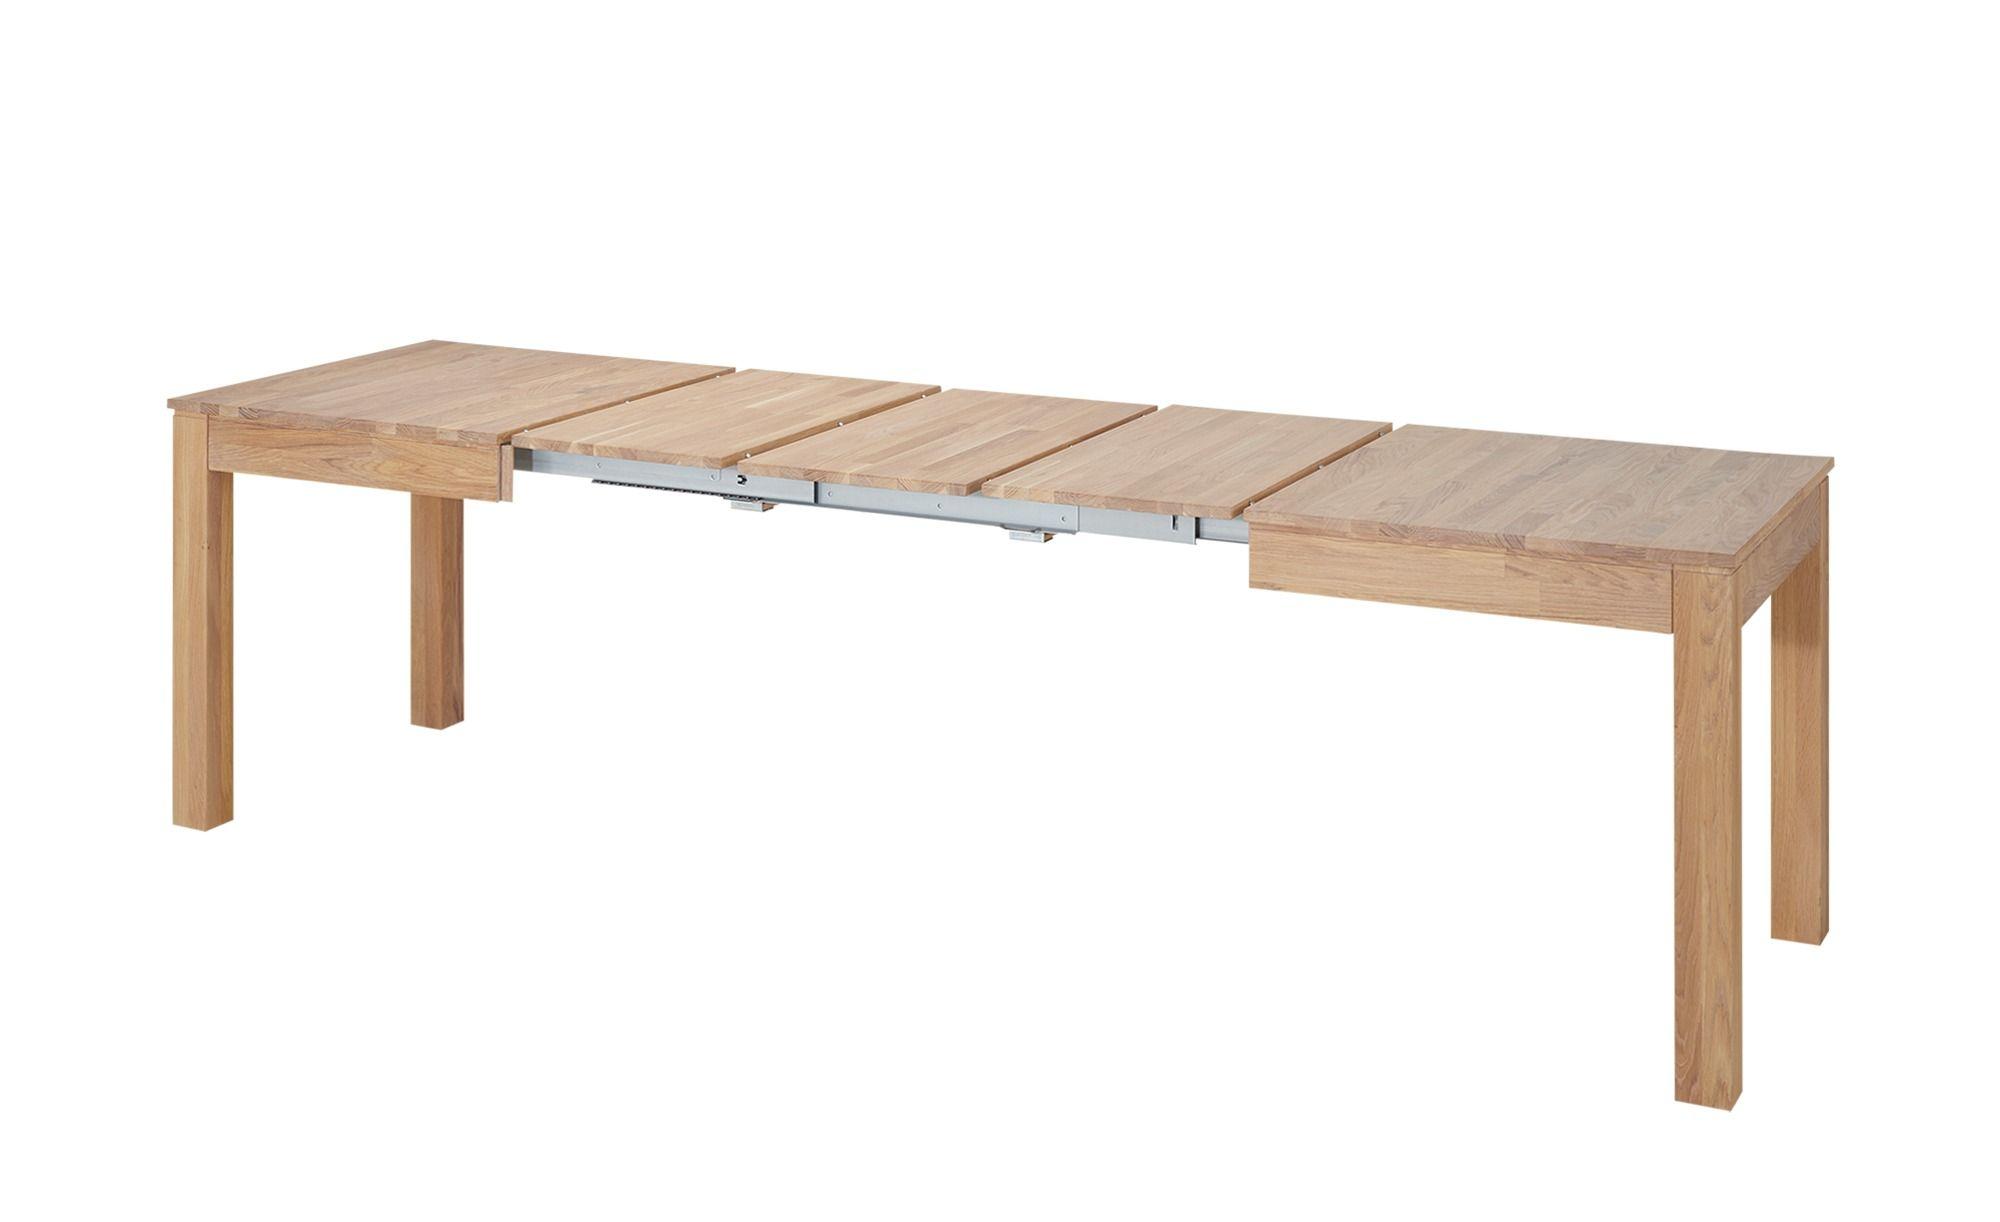 Woodford Esstisch Gabor Gefunden Bei Mobel Hoffner Esstisch Massiv Esstisch Und Massiv Tisch